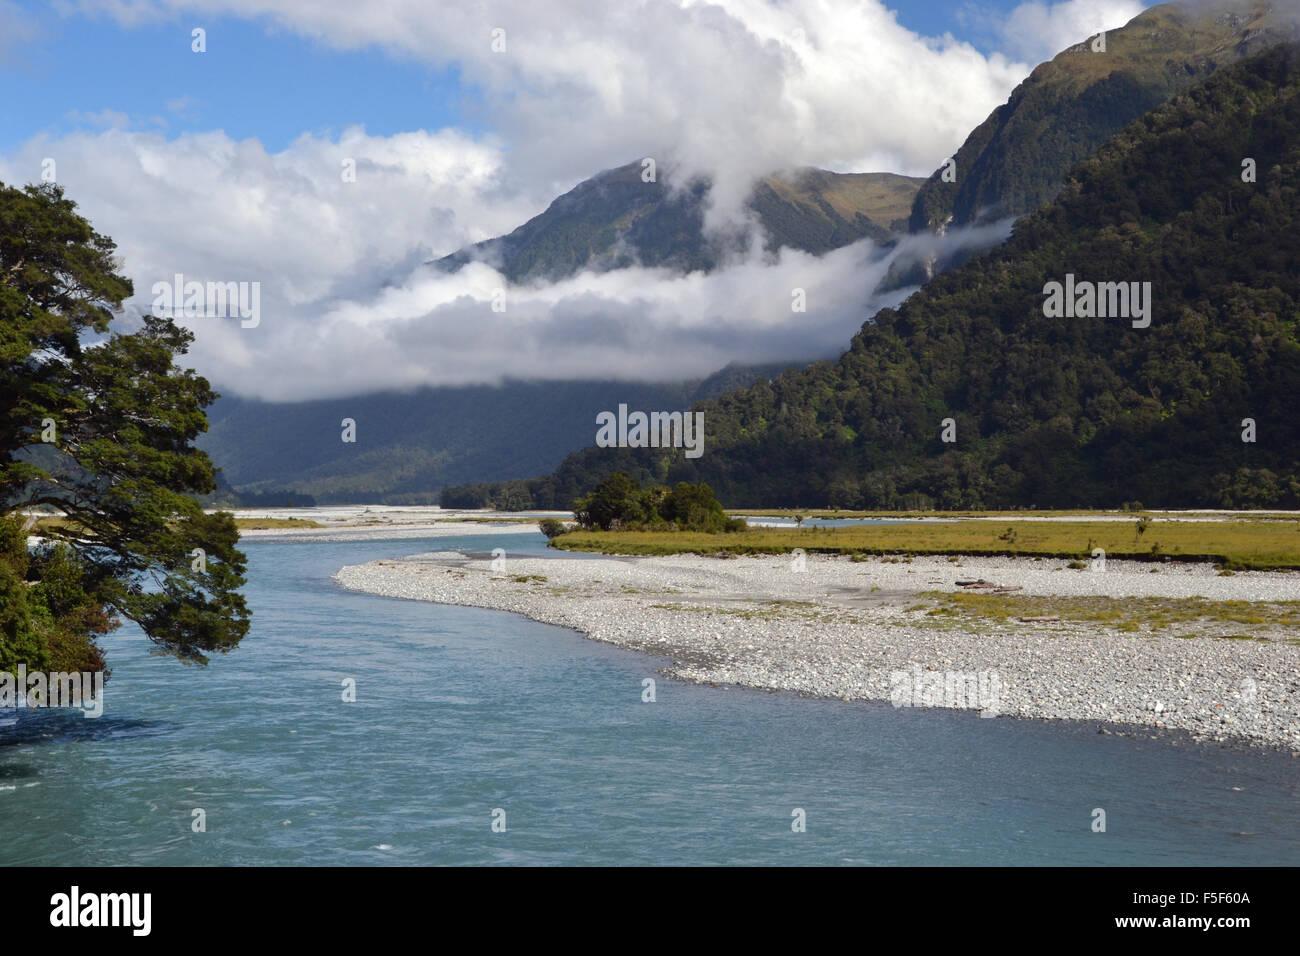 """Nueva Zelanda o Aotearoa, """"la tierra de la larga nube blanca"""" en maori, y un río, Isla del Sur, Nueva Imagen De Stock"""